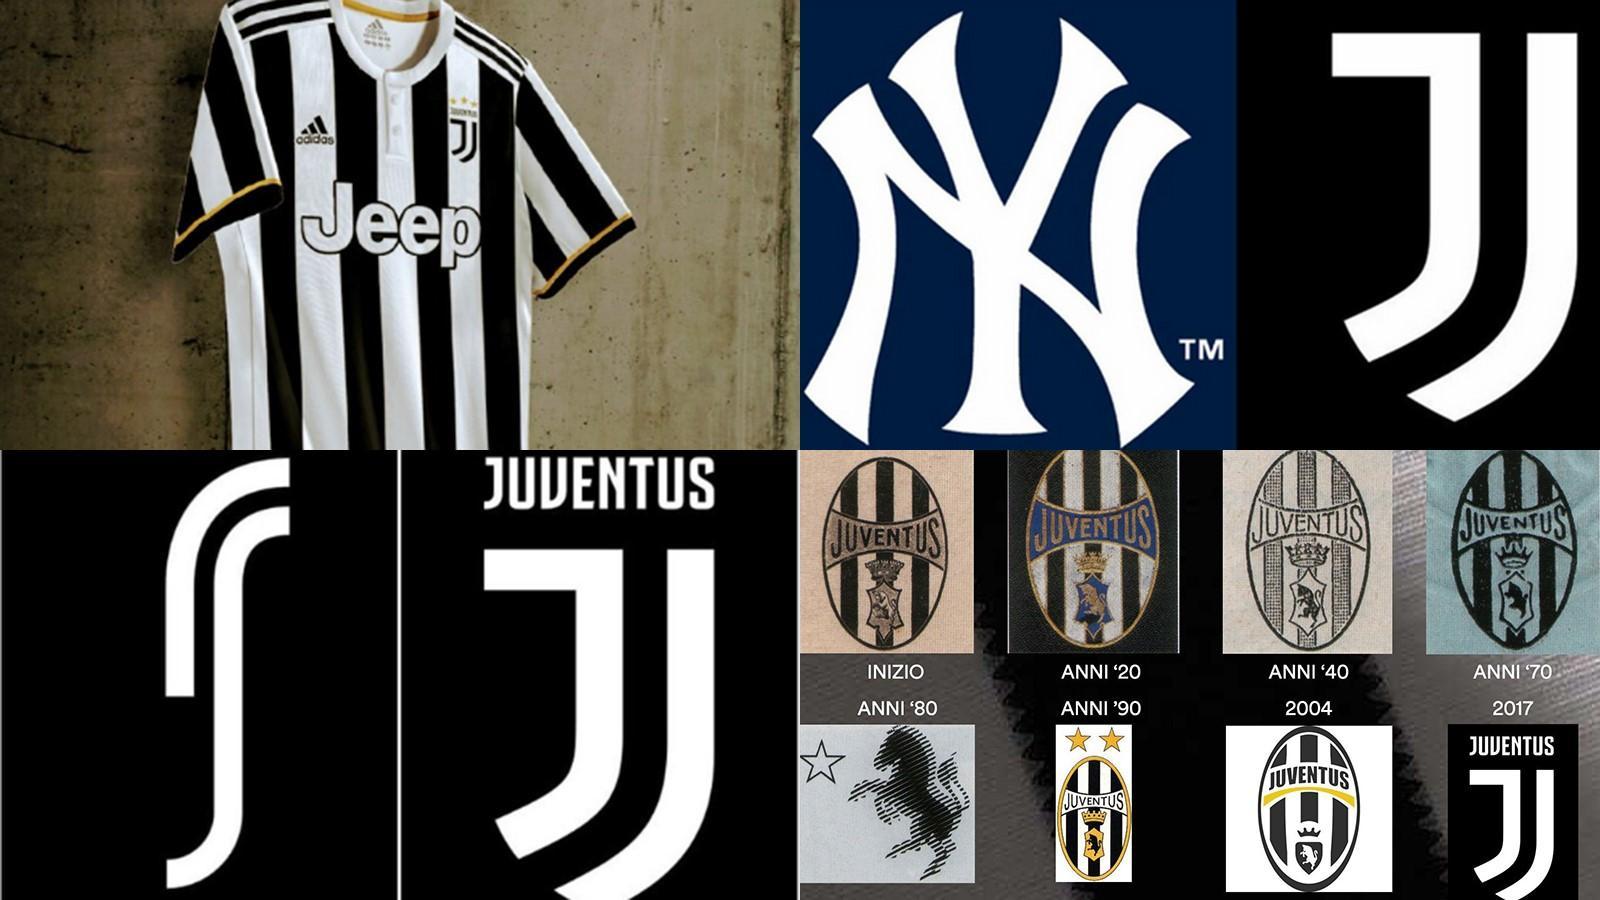 Il Nuovo Logo Della Juventus Tra Storia Ironia Del Web E L Imperativo Categorico Quot Vincere